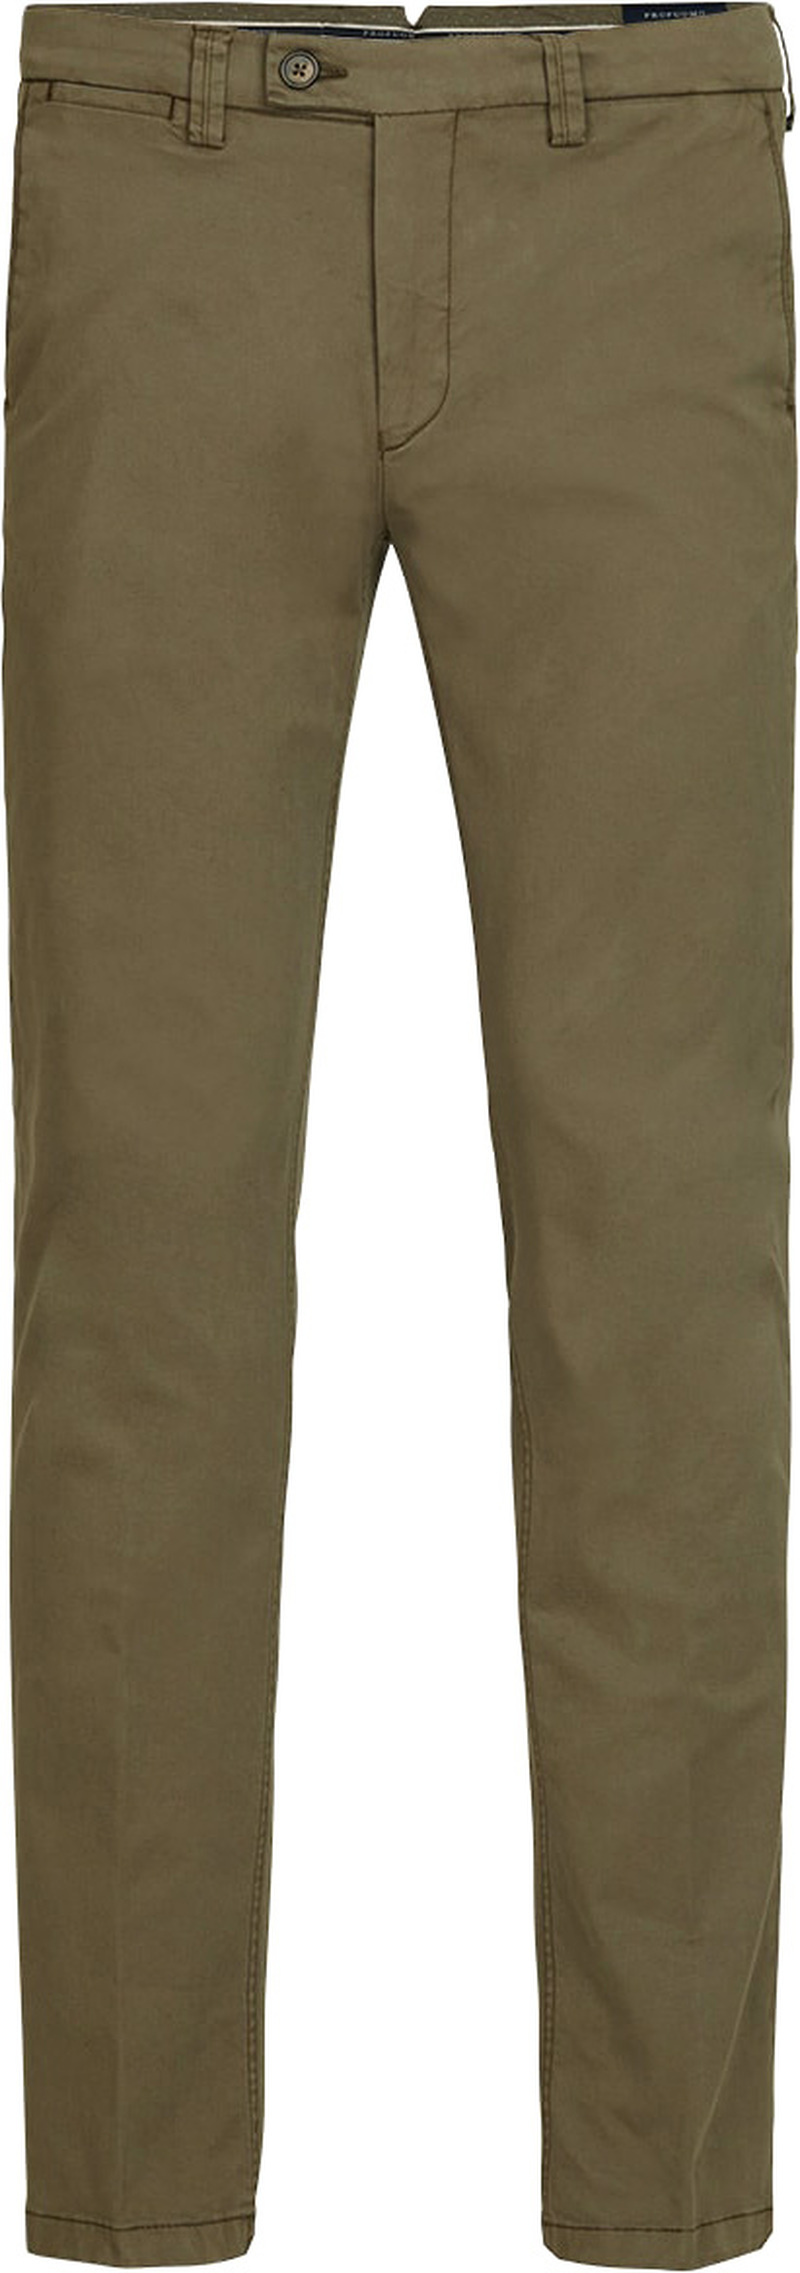 Profuomo Chino Garment DYE Green photo 0